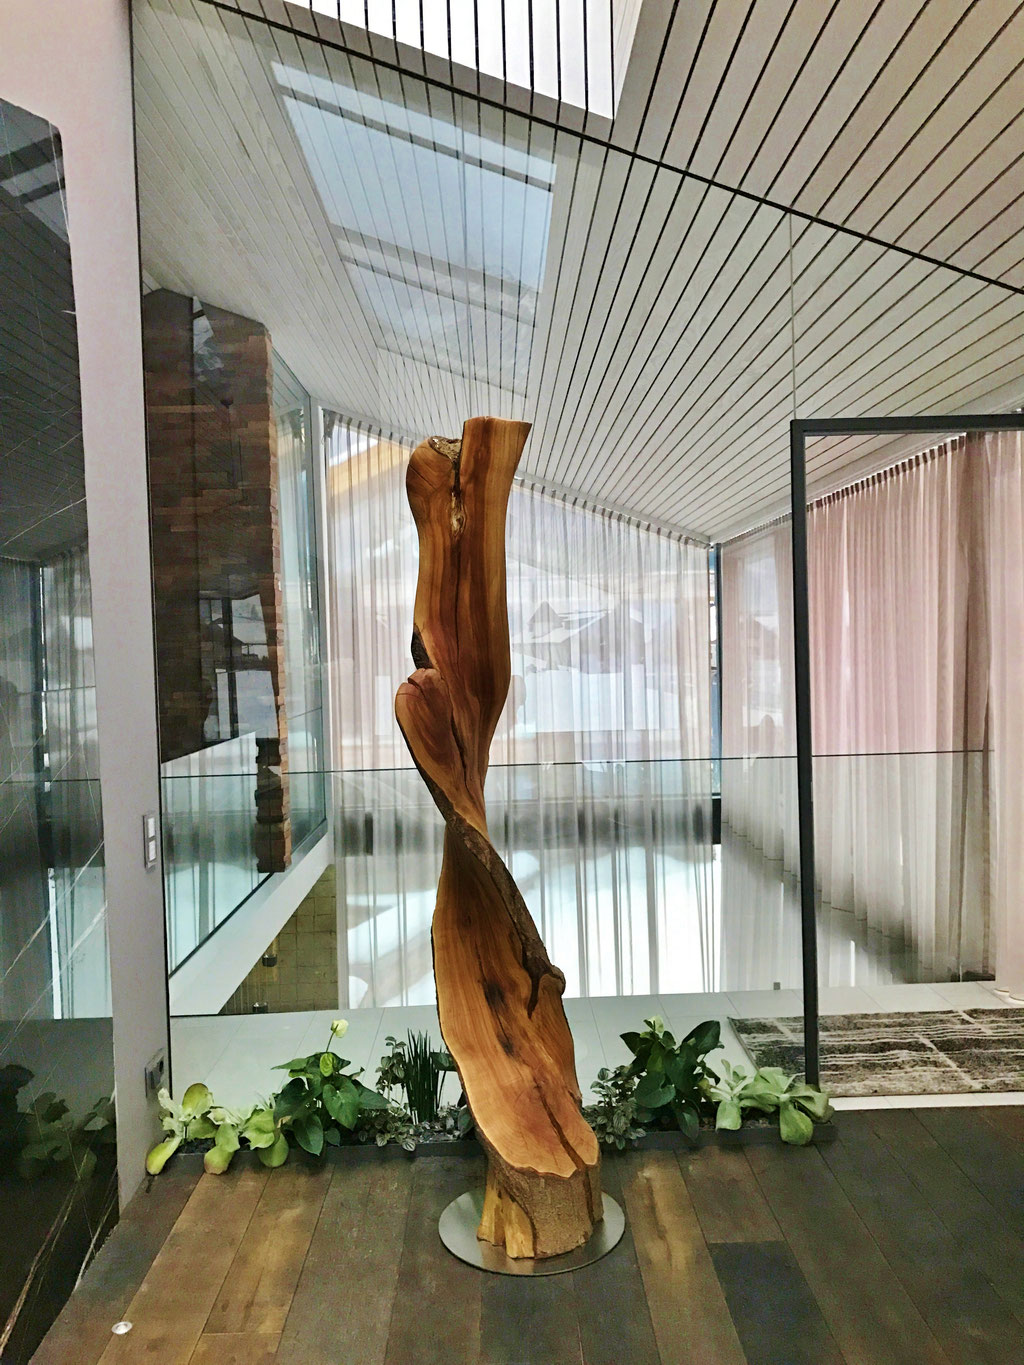 Objekt aus dem Stamm einer Mirabelle, ca. 210 cm hoch